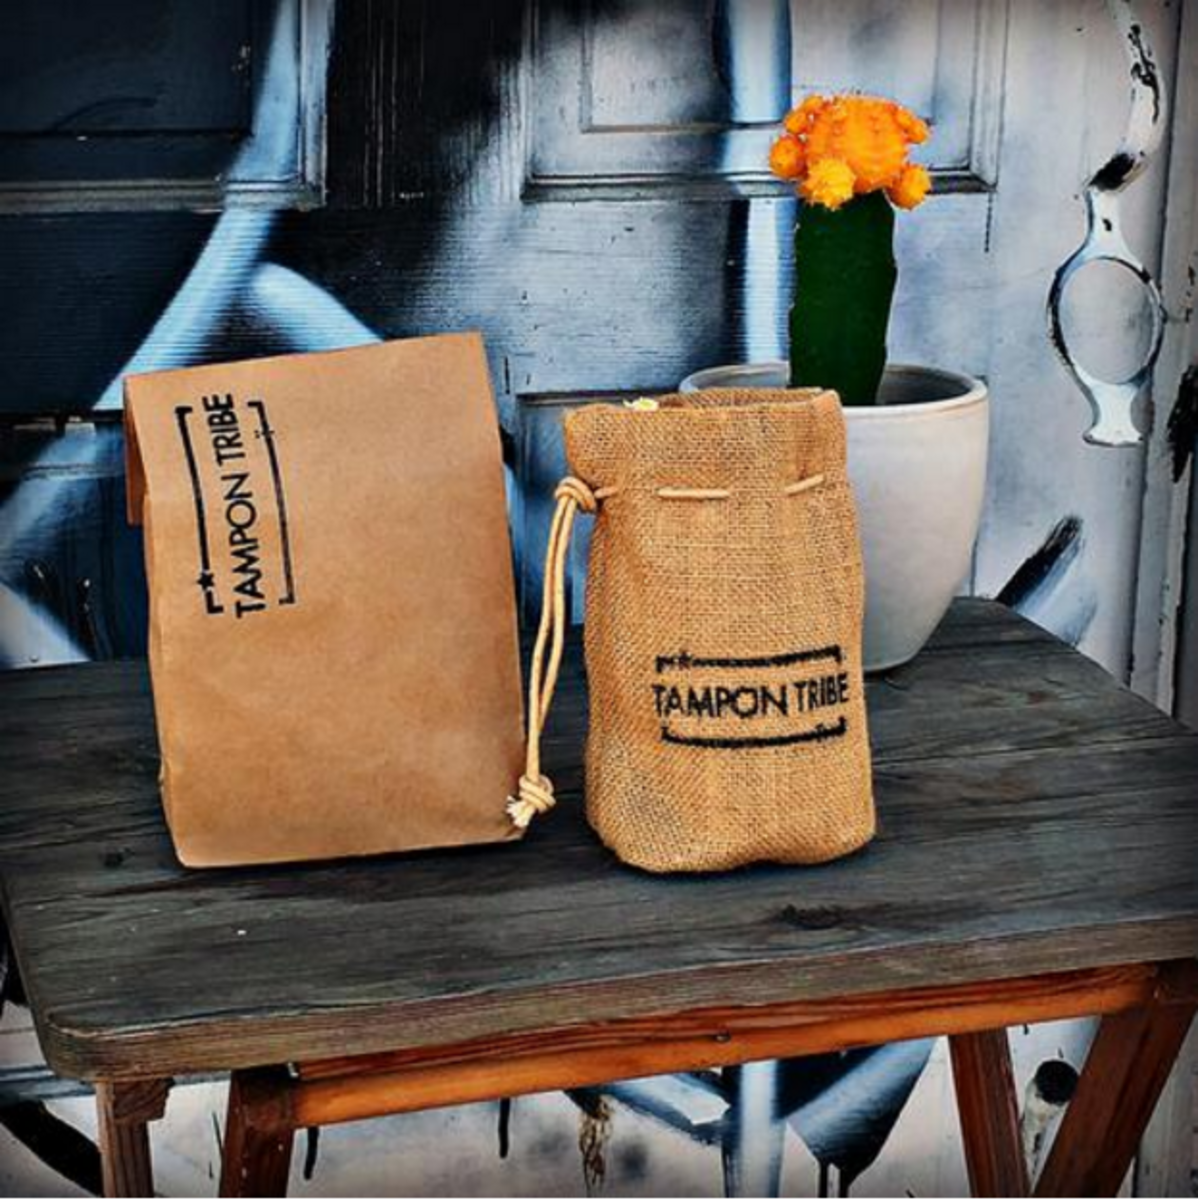 Tampon Tribe bag